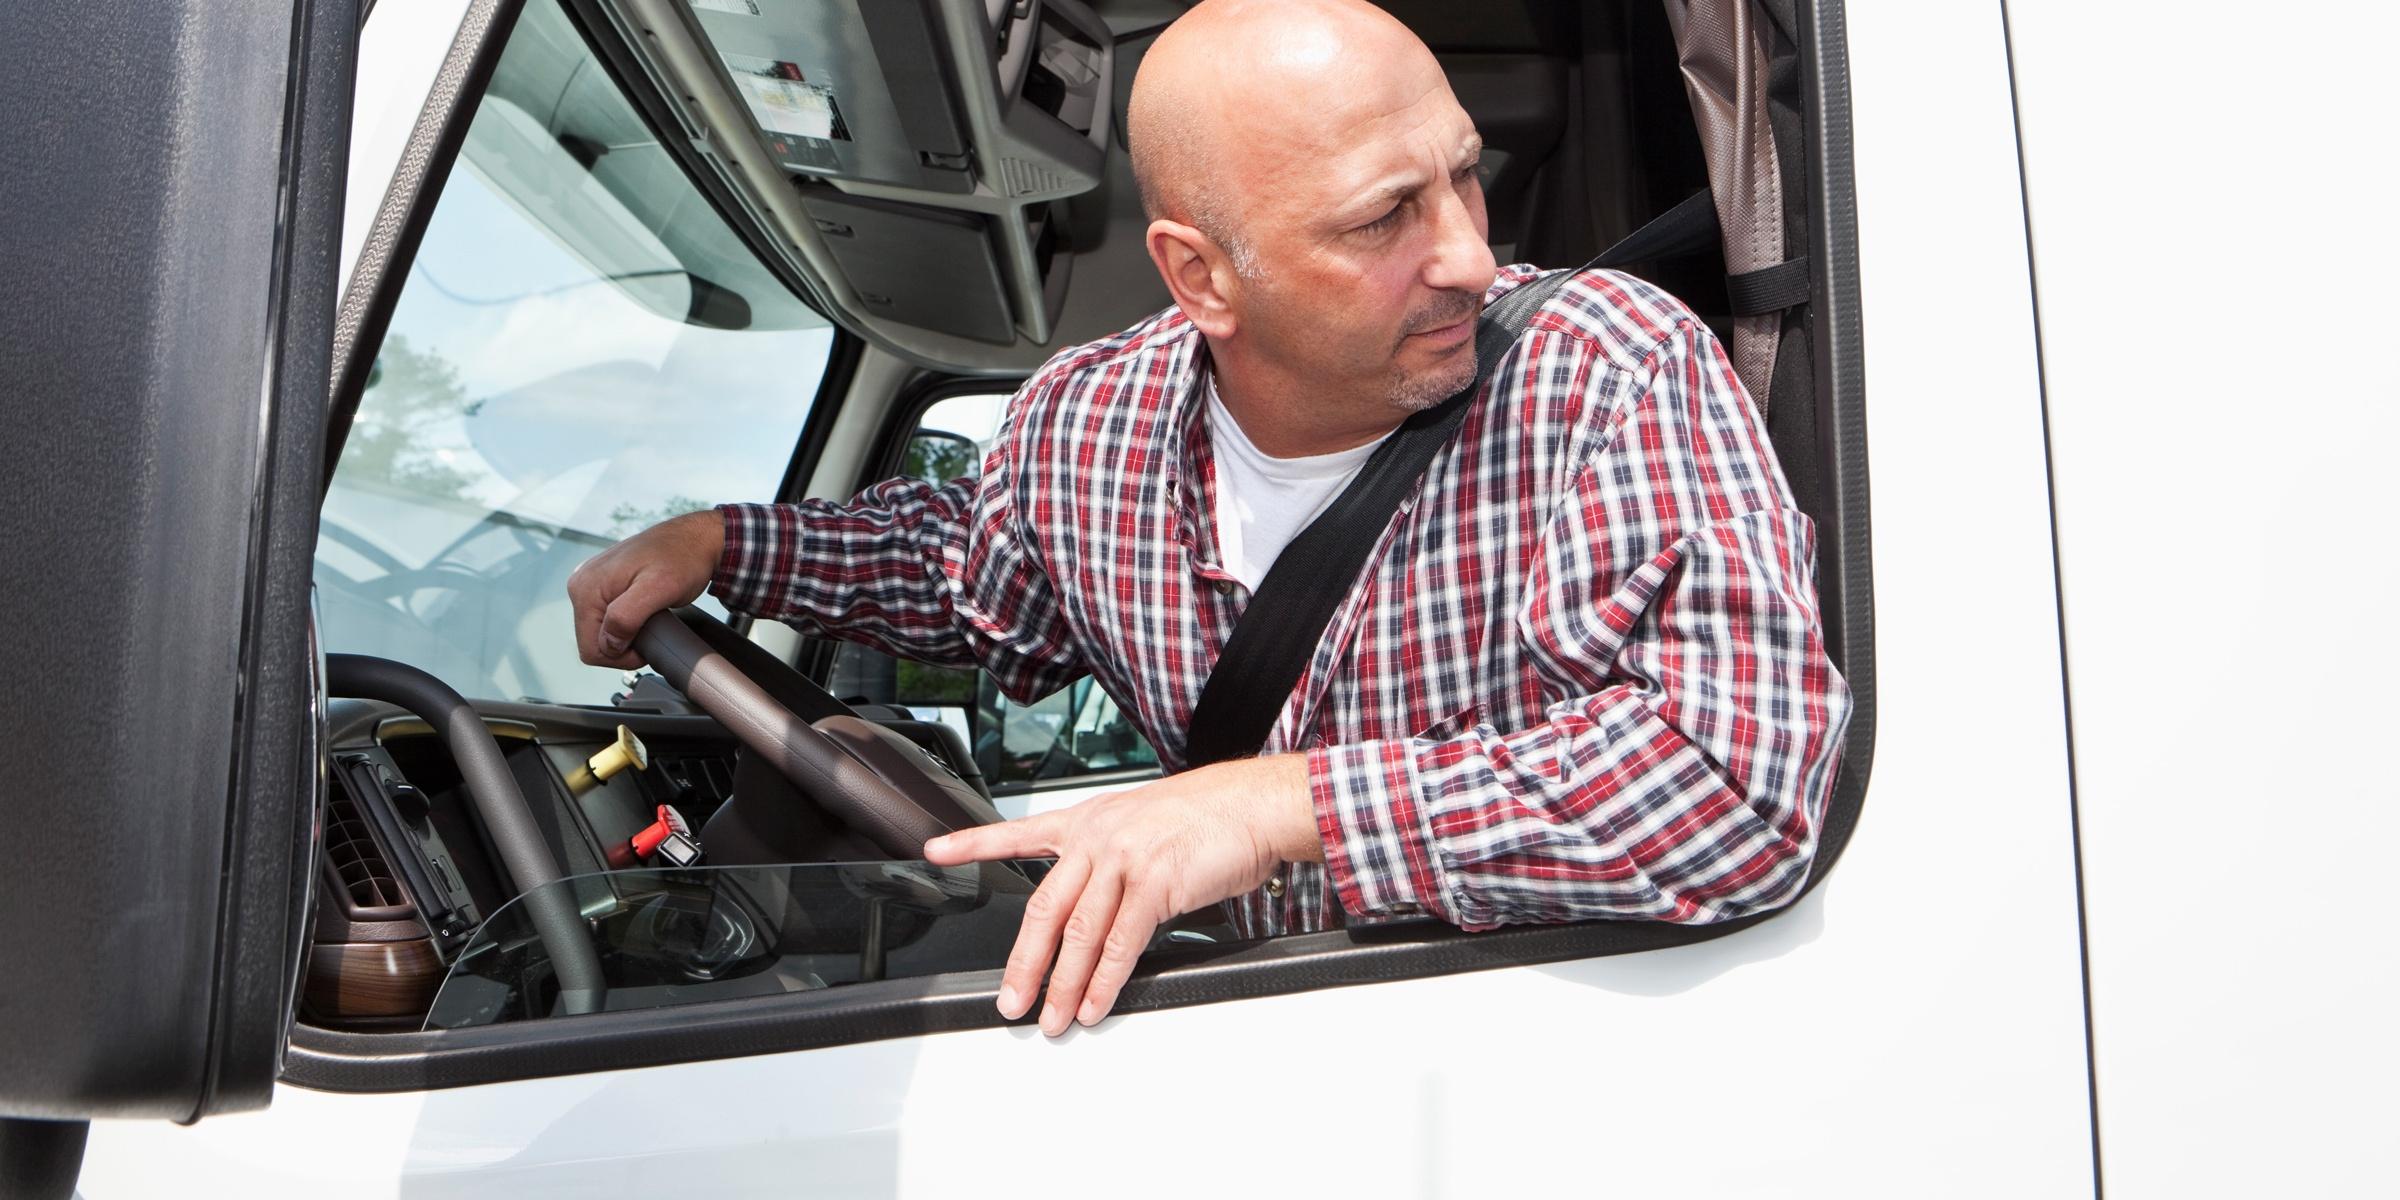 Man reversing semi truck